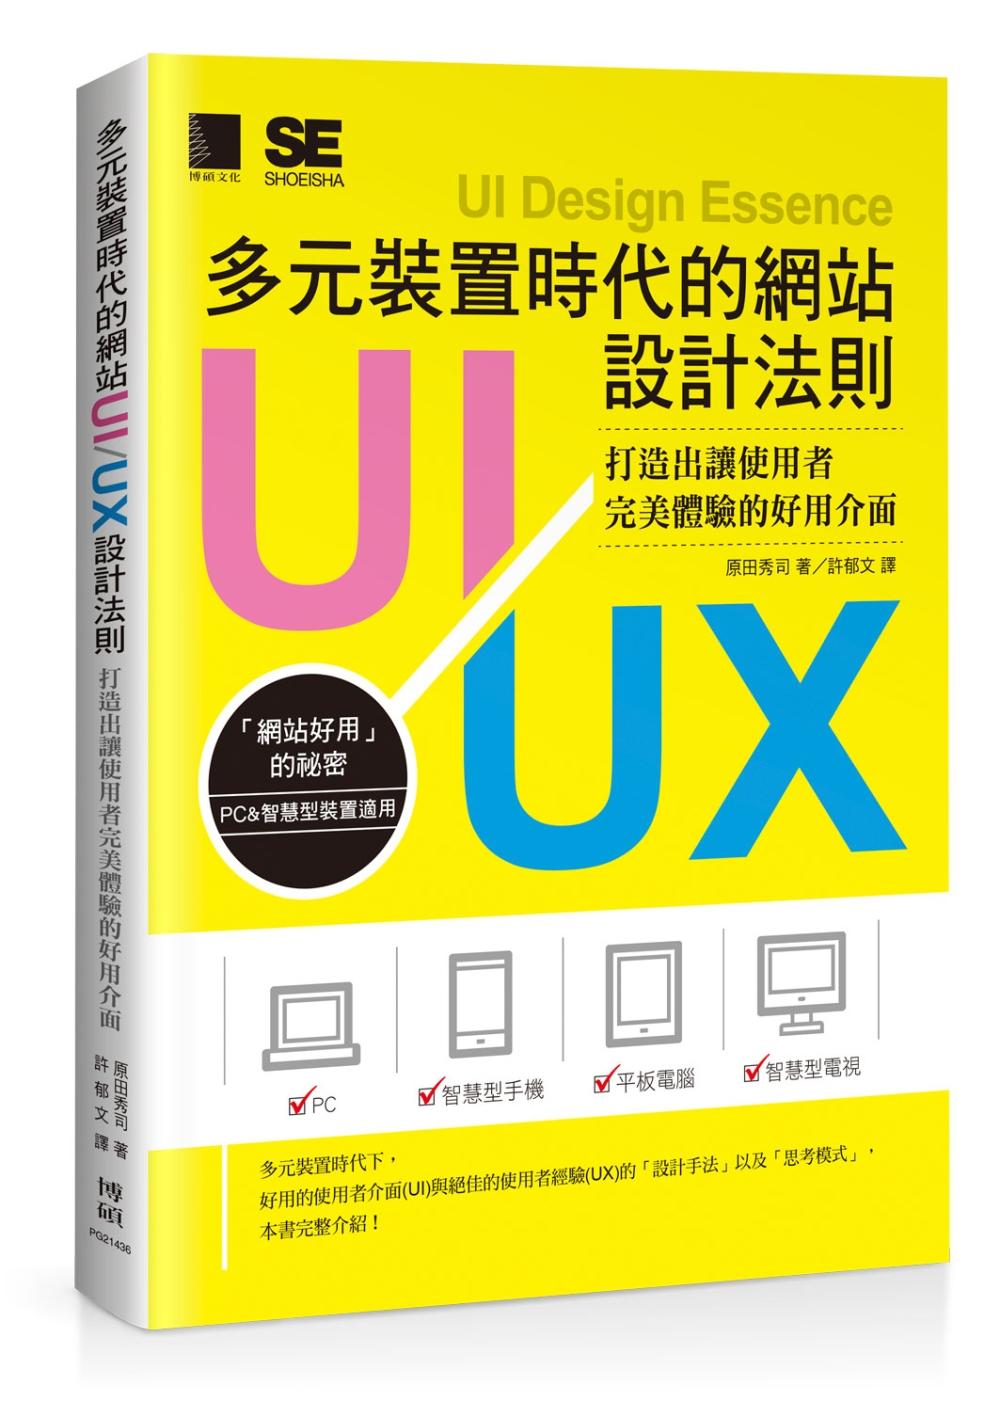 多元裝置時代的網站UI/UX設計法則:打造出讓使用者完美體驗的好用介面